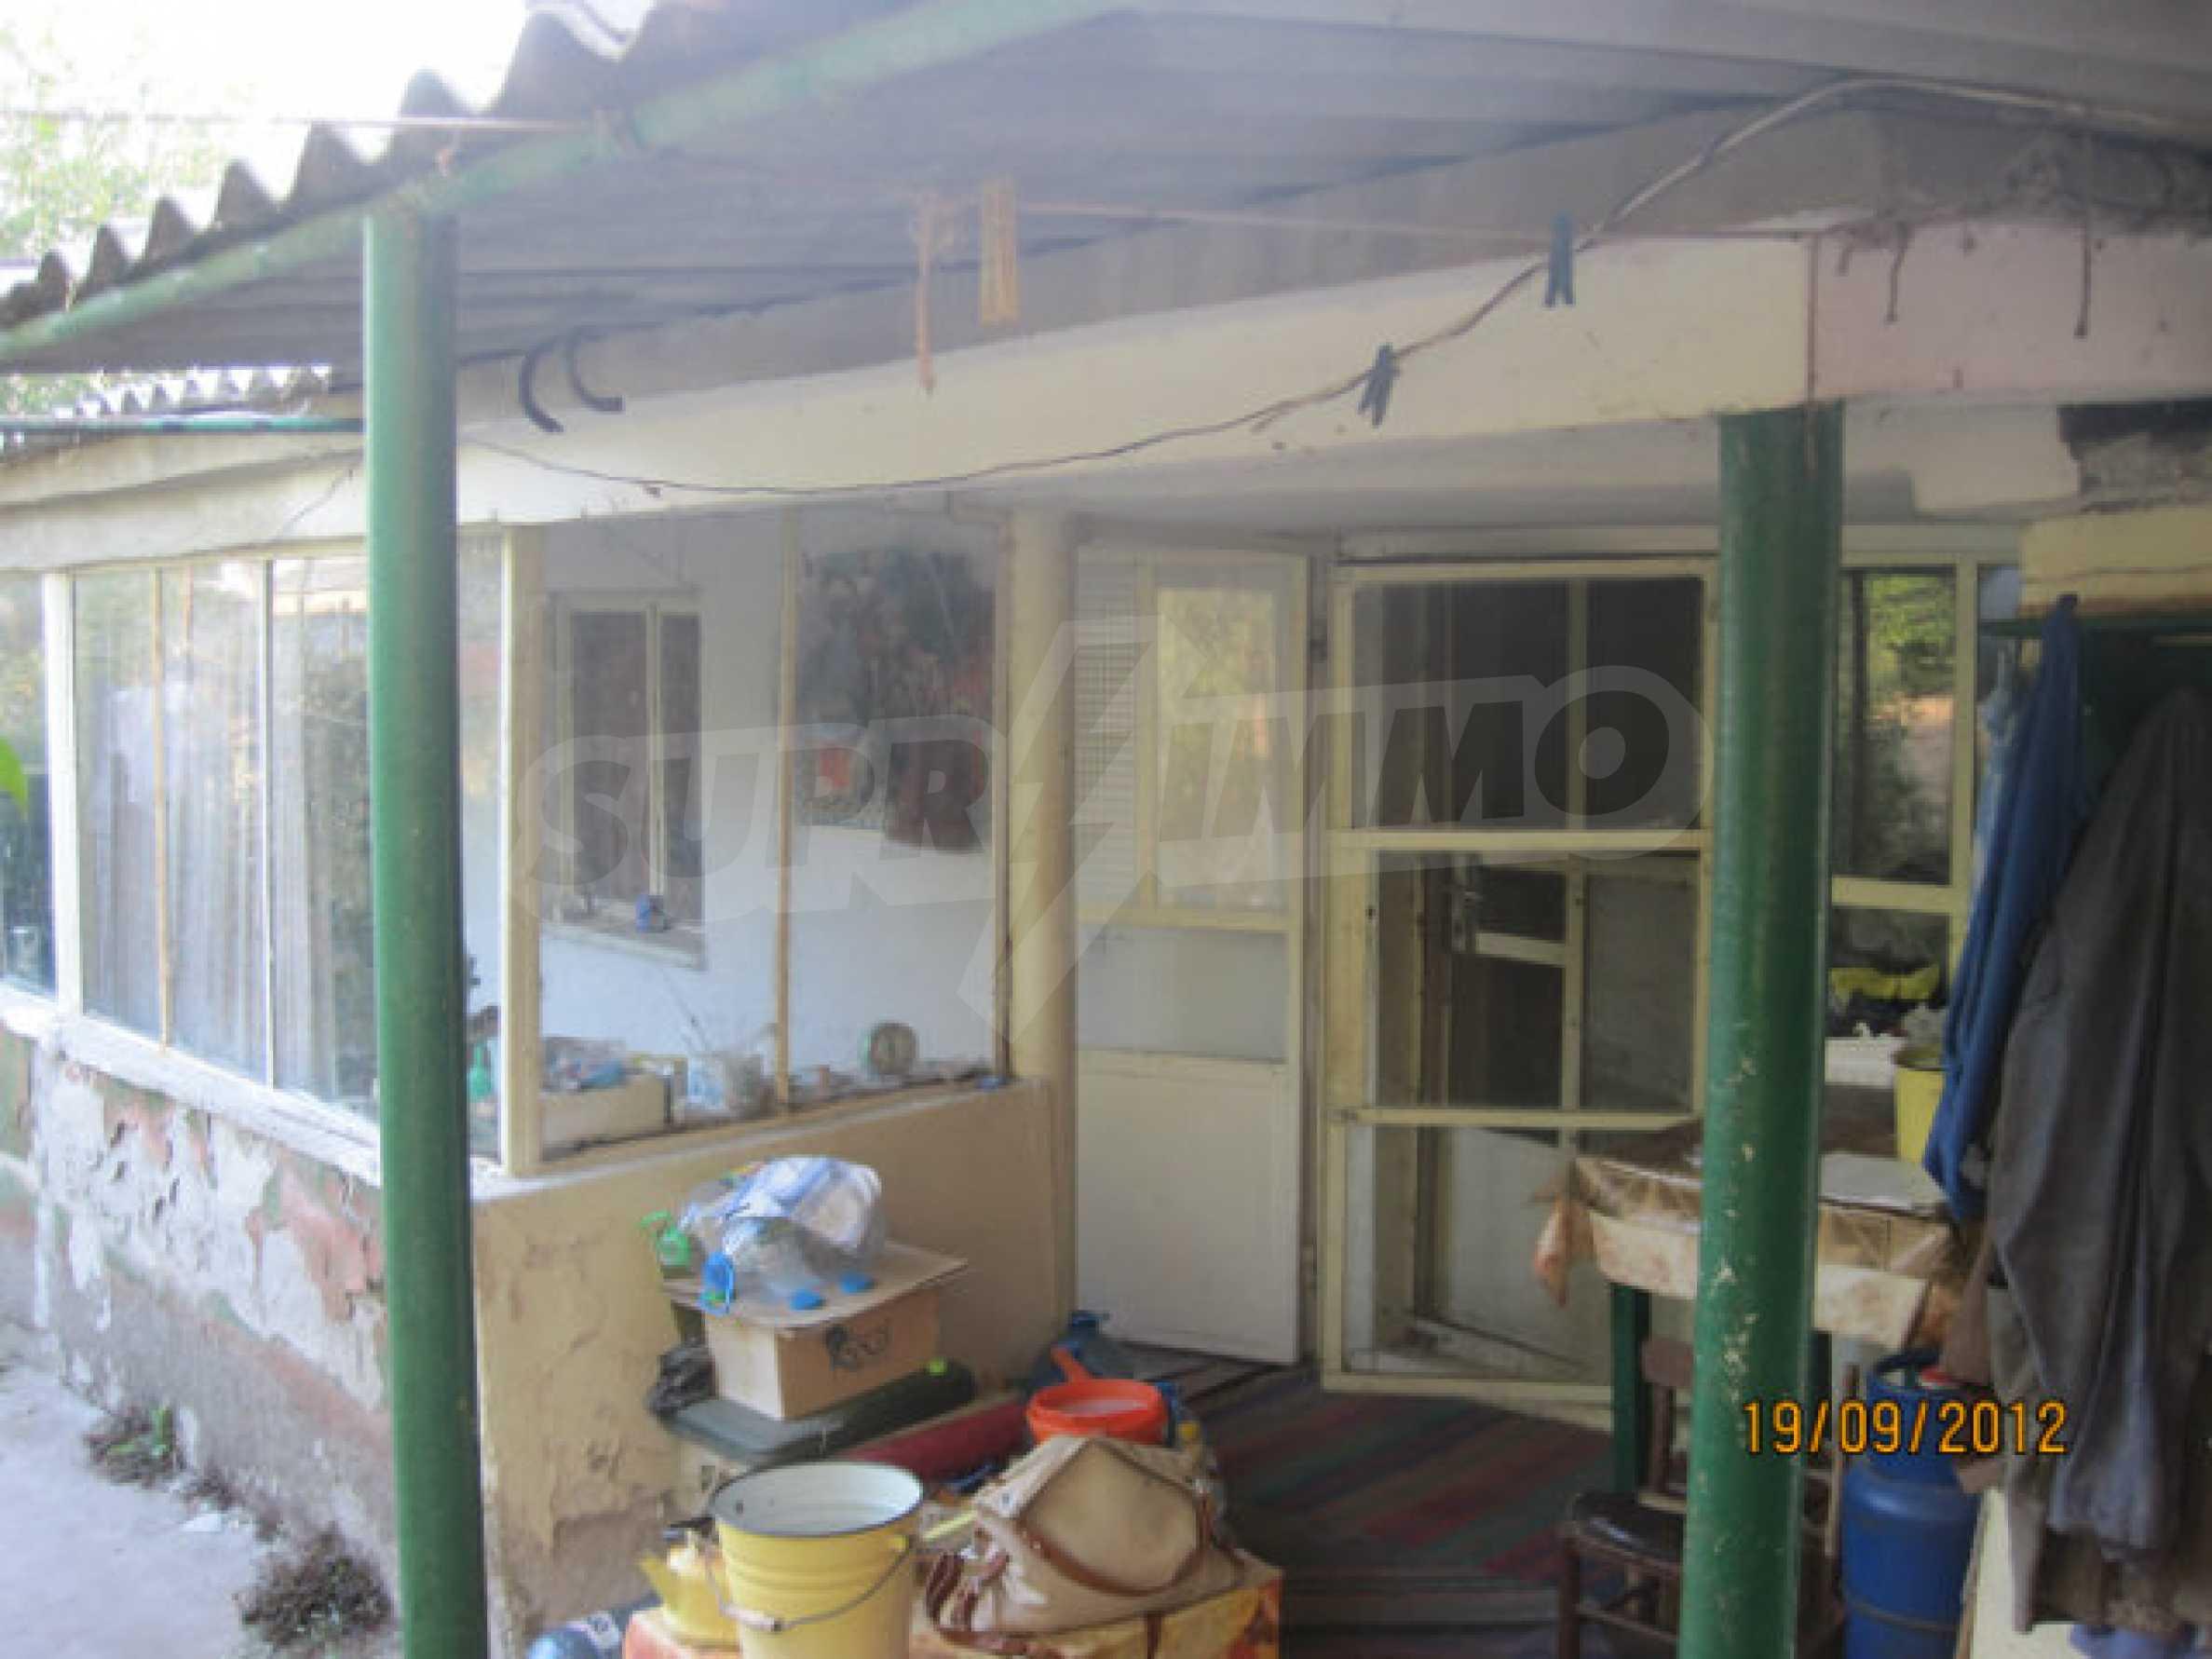 Einfamilienhaus mit Hof zum Verkauf in einem ruhigen Dorf in der Nähe von Dimitrovgrad 2